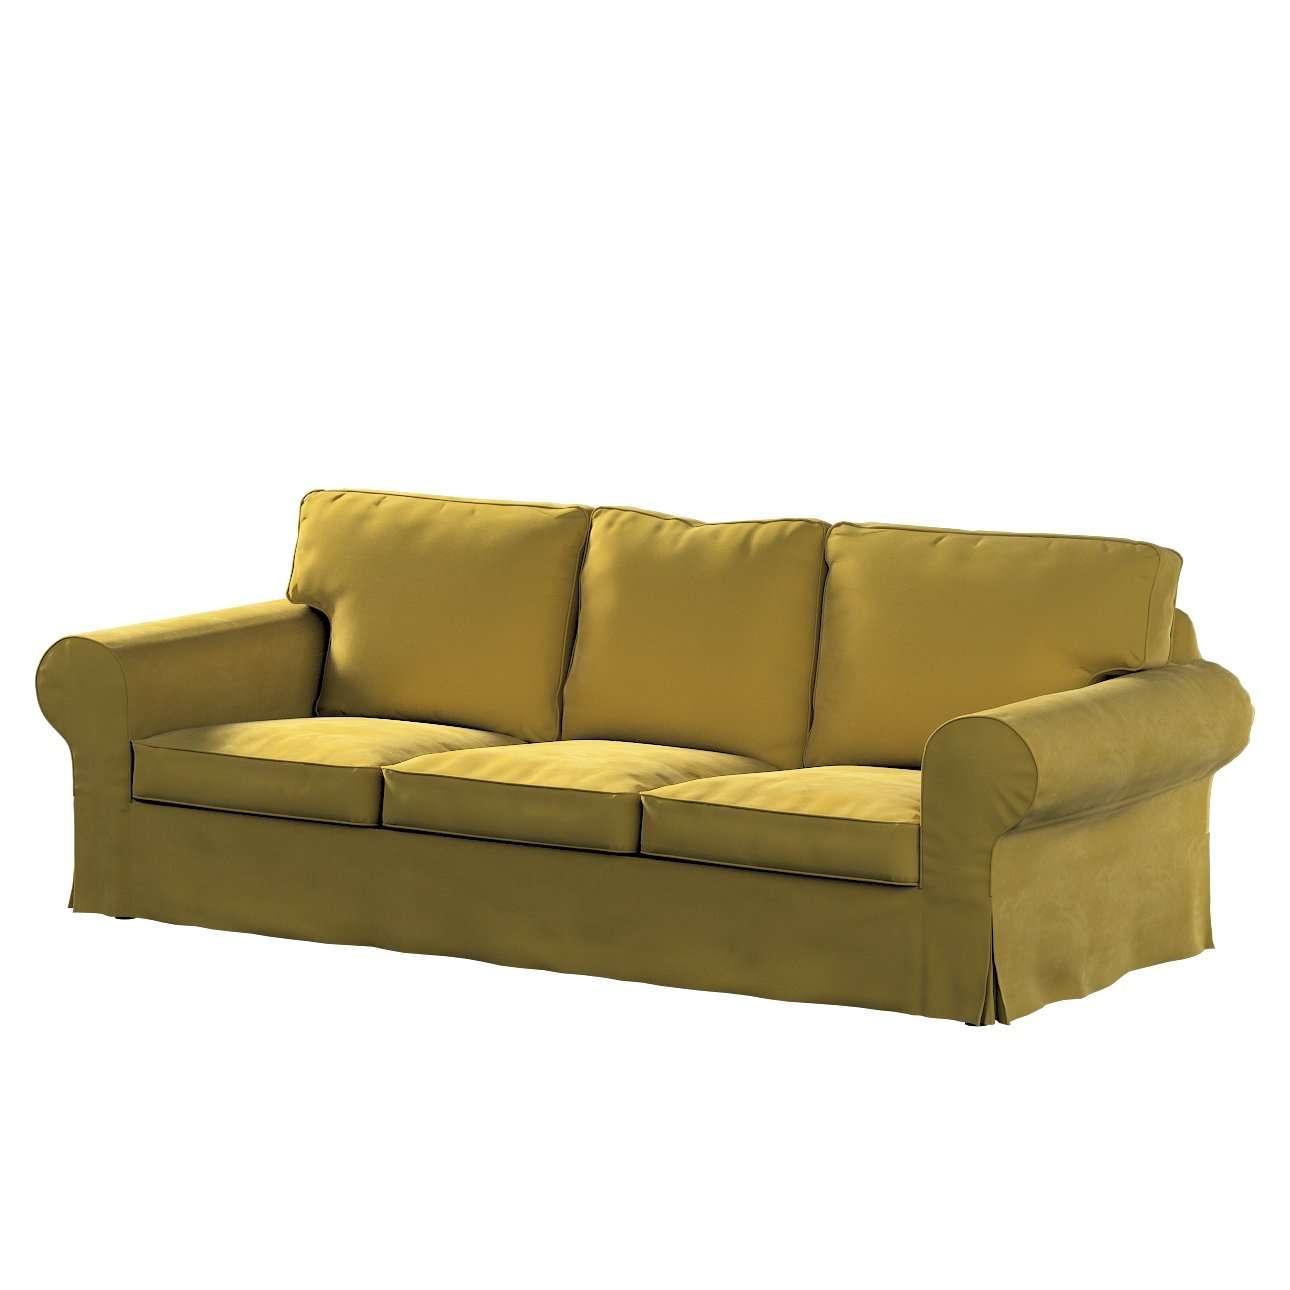 Bezug für Ektorp 3-Sitzer Sofa nicht ausklappbar von der Kollektion Velvet, Stoff: 704-27